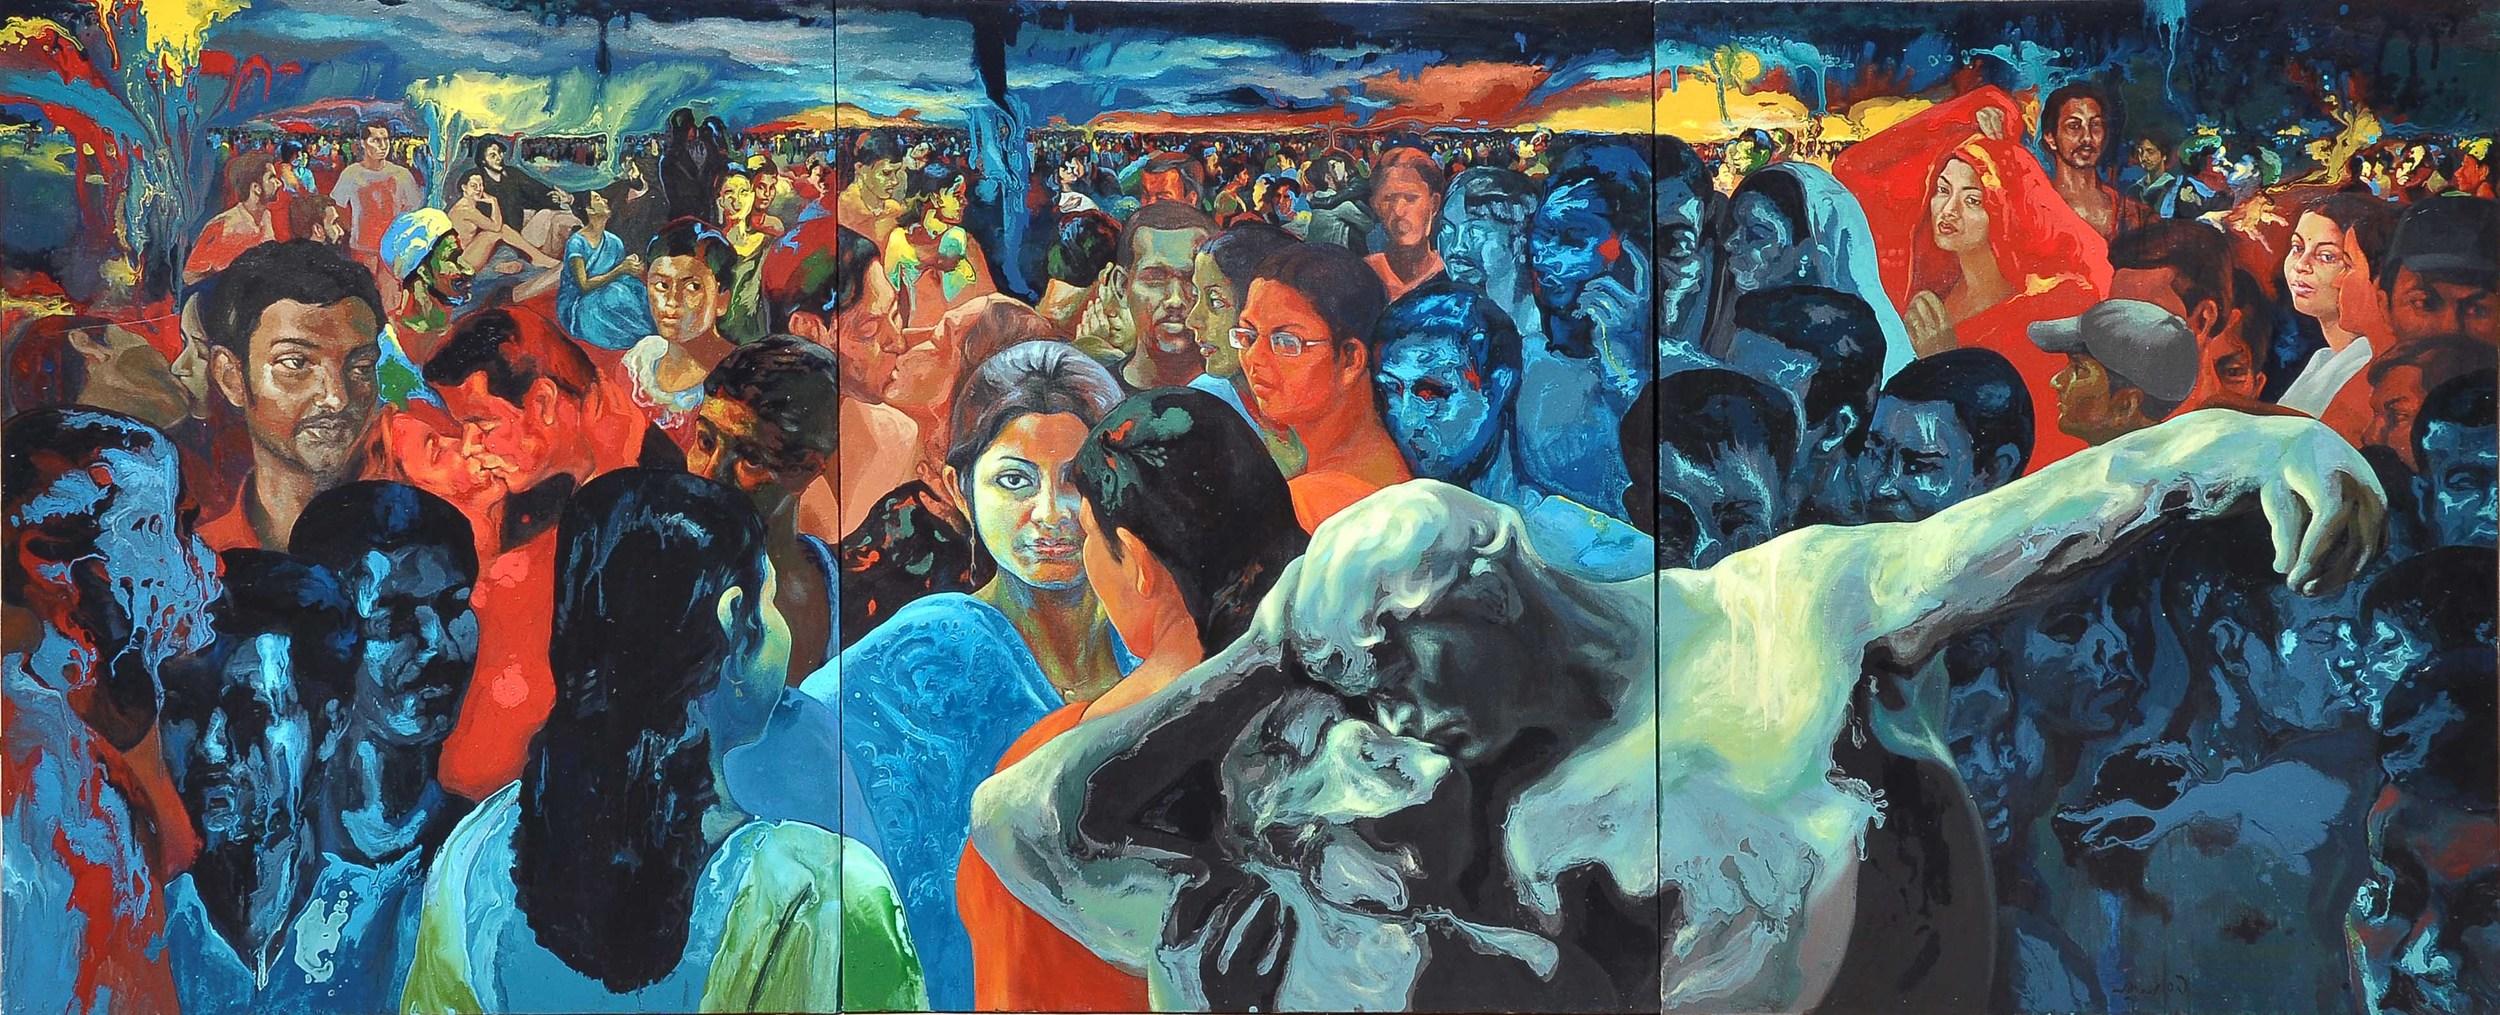 Natasha , 2009 Acrylic on Canvas 60 x 144 in.